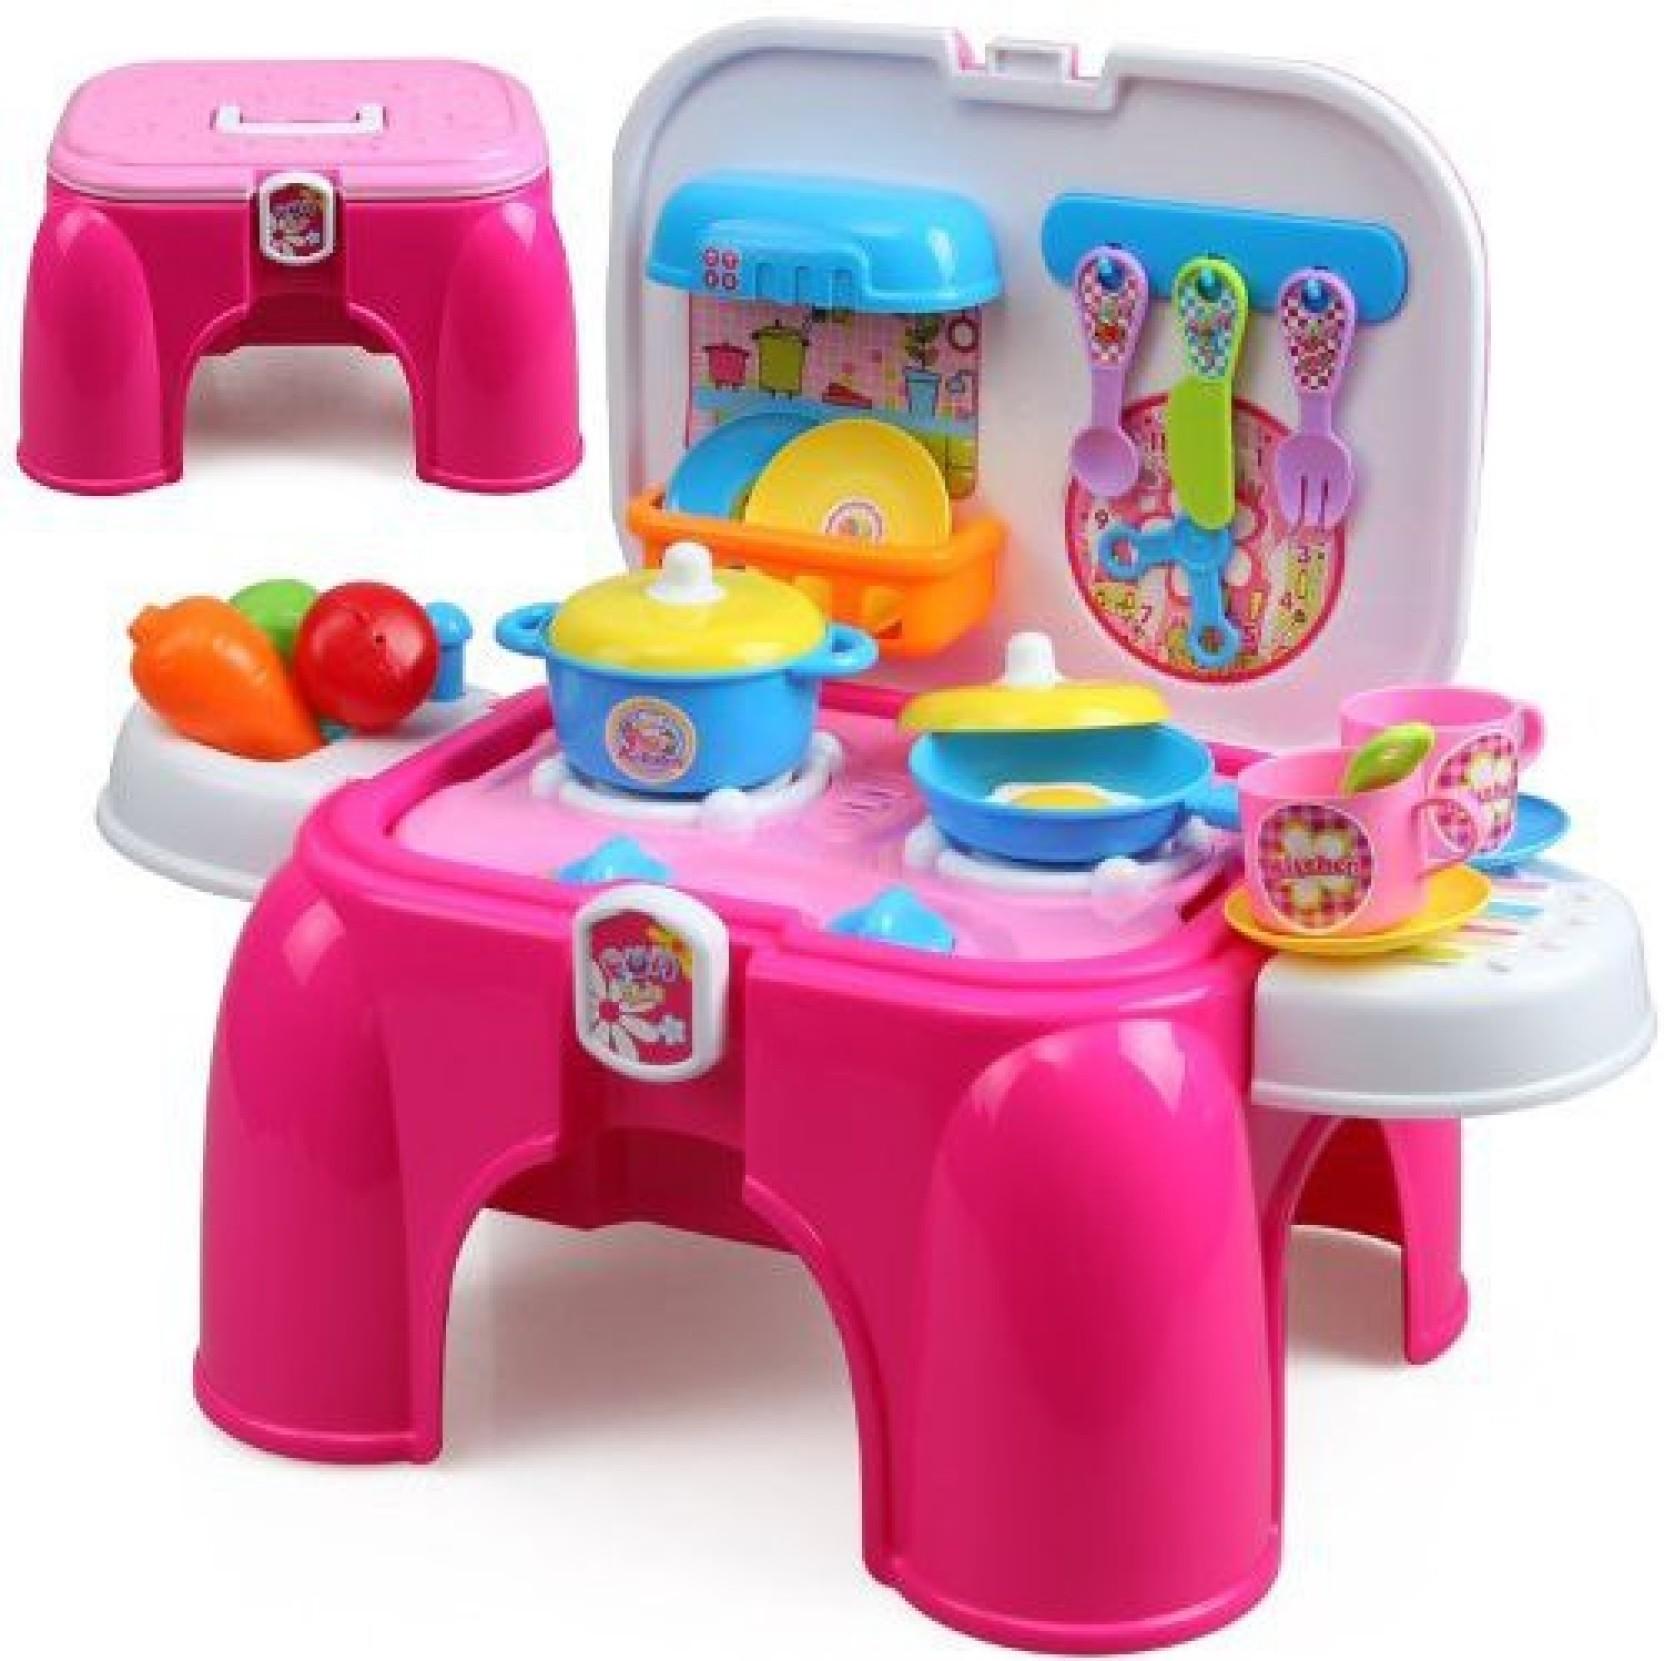 Just Toys Kids Role Play Kitchen Set 2 in 1 storage cum sitting